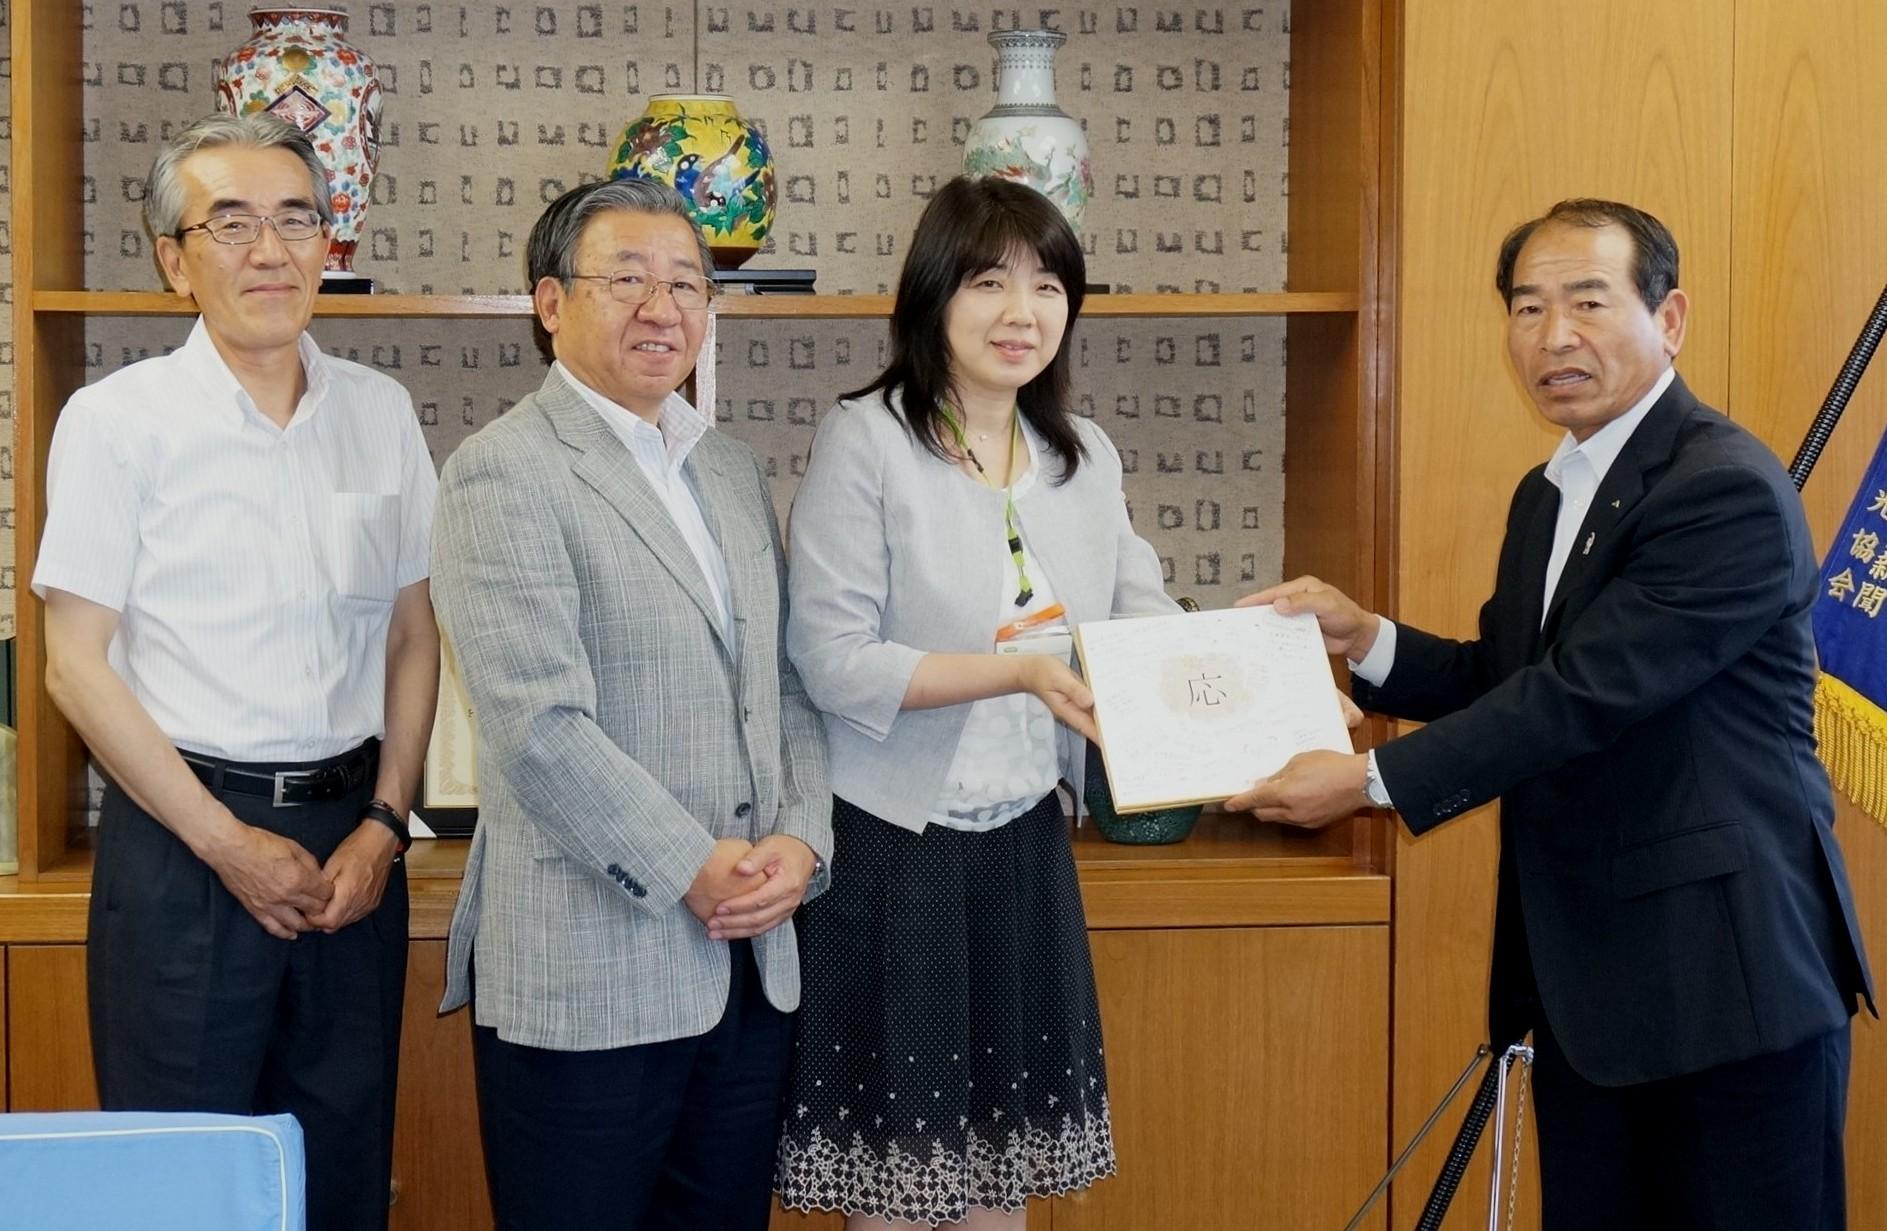 鷺坂代表理事組合長に応援メッセージ色紙を贈呈する小倉組合員理事(右から2番目)、上原副理事長、コープぐんま梅澤理事長(左)